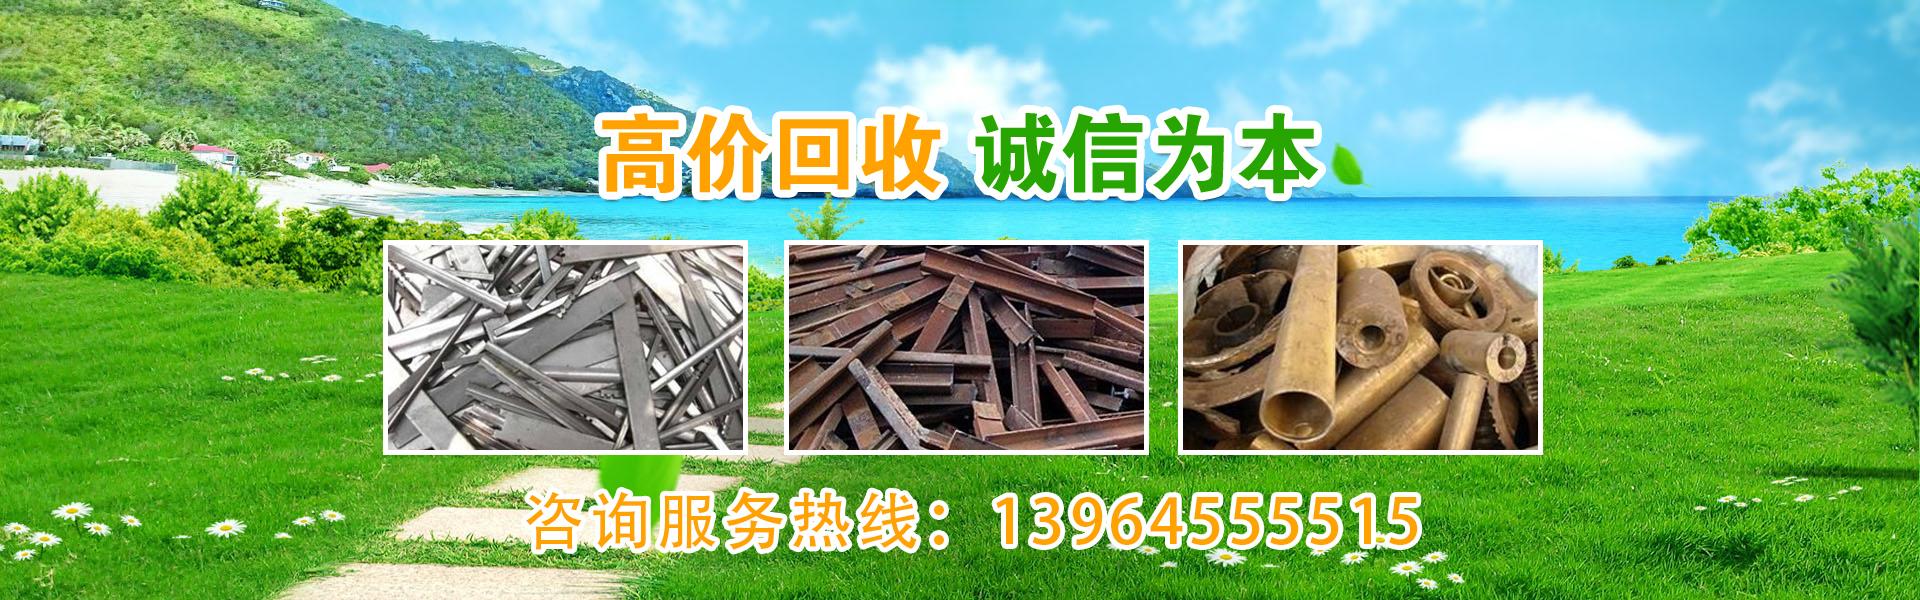 烟台不锈钢回收  烟台物资回收